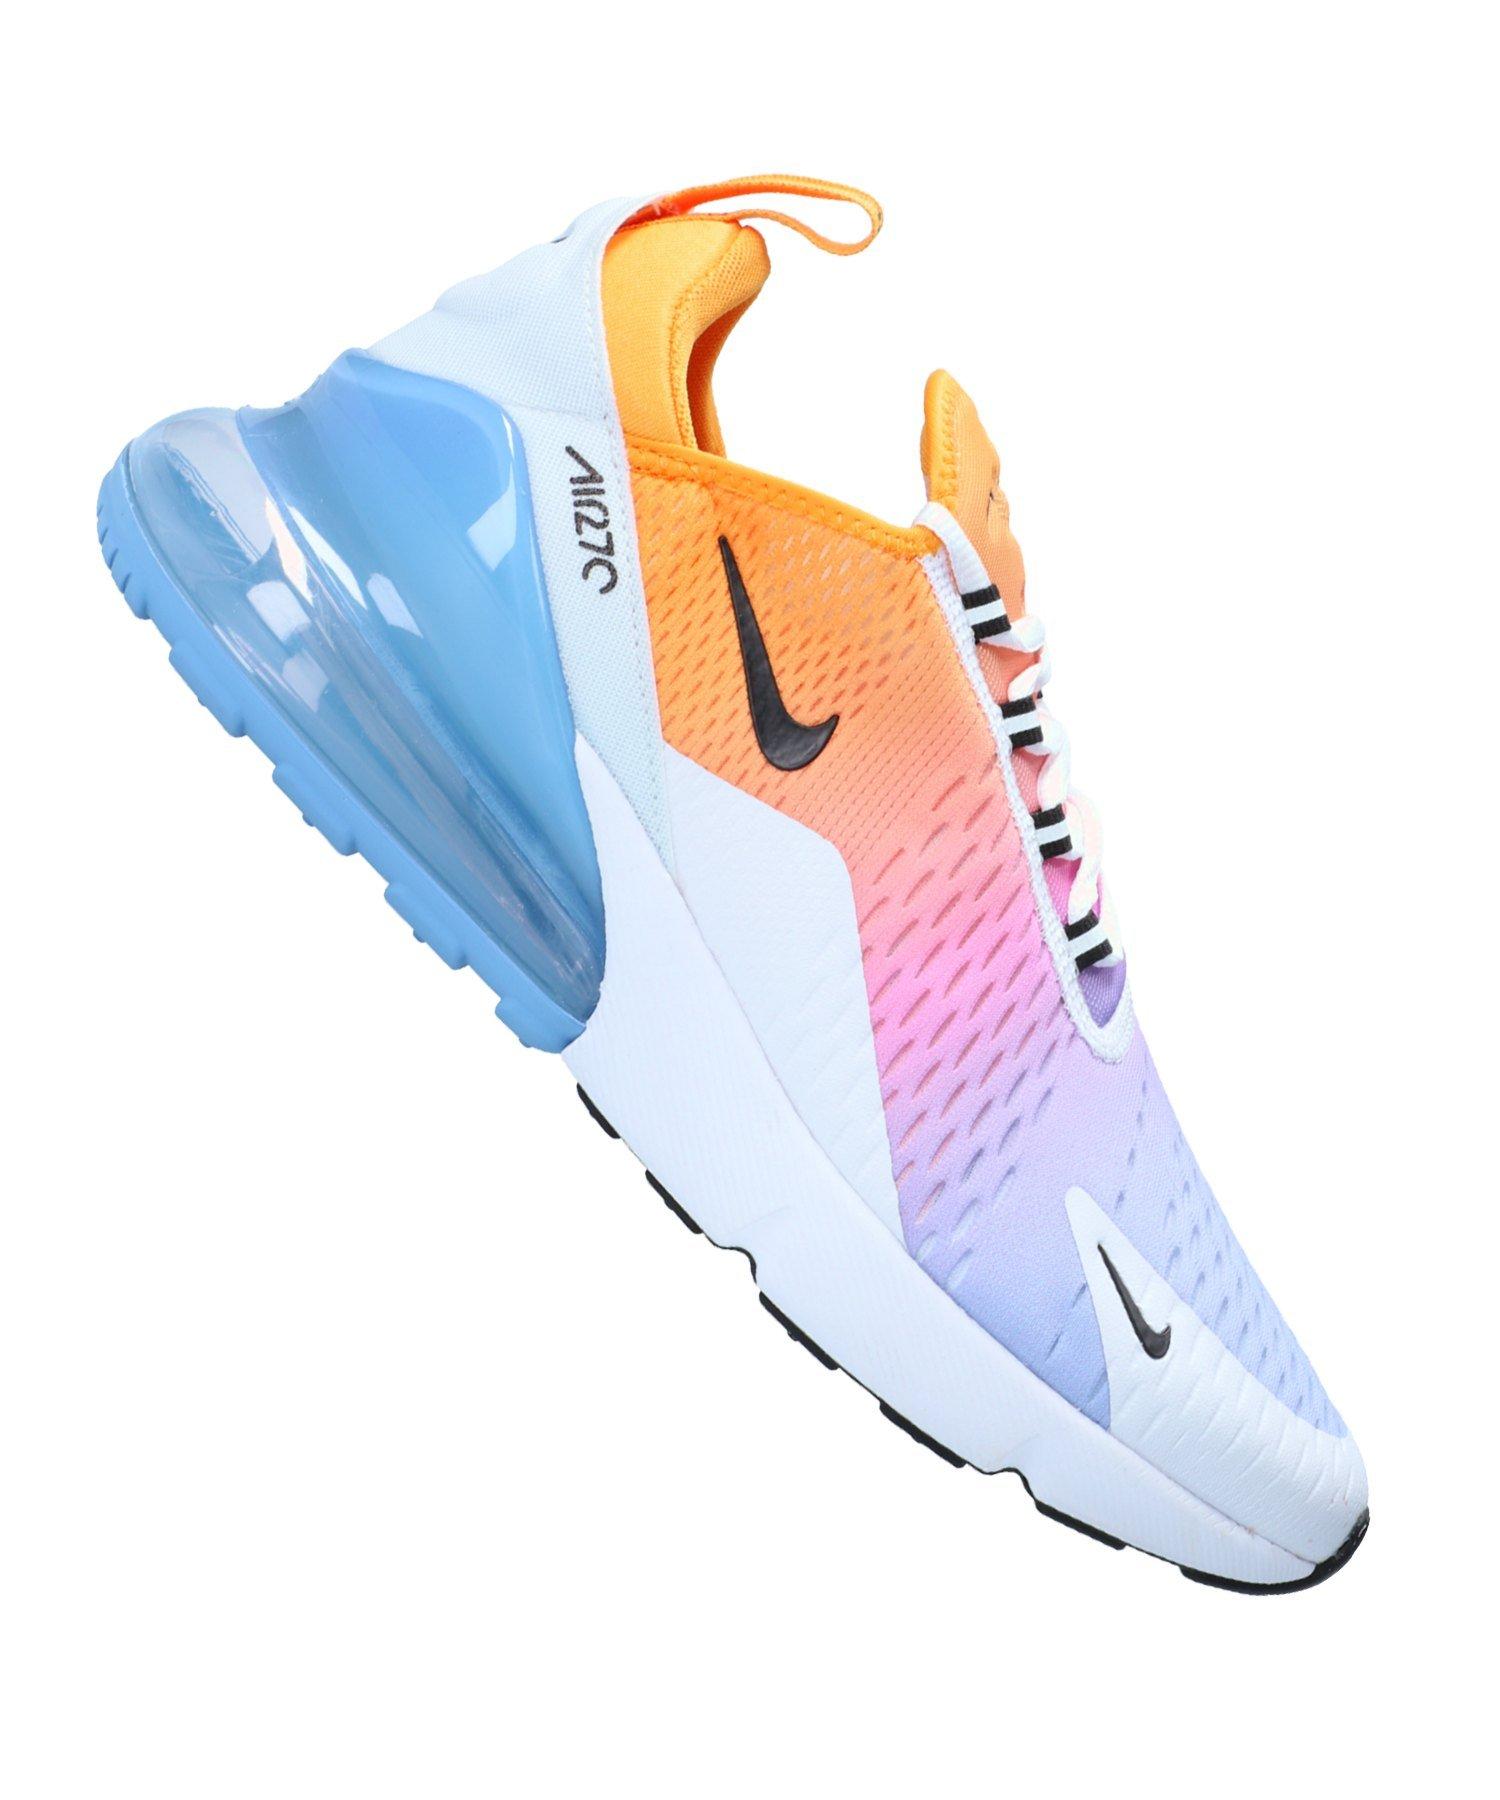 Nike Air Max 270 | Iconic Nike Sneakers | Sportscene